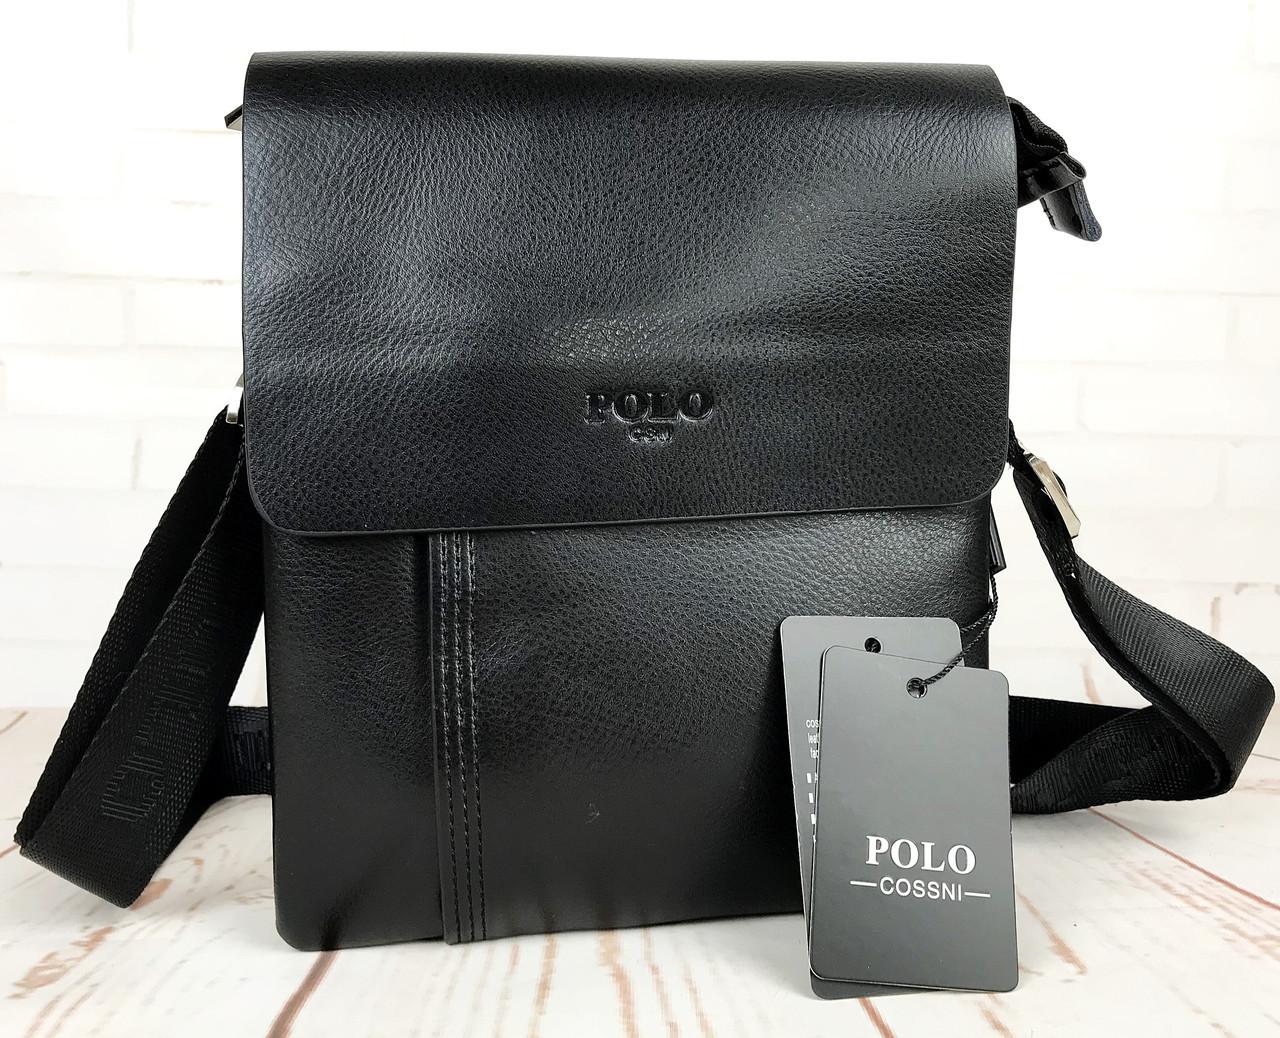 Небольшая мужская сумка - планшет Polo с ручкой.Мужская барсетка. Размер 23*18,5 см  КС43